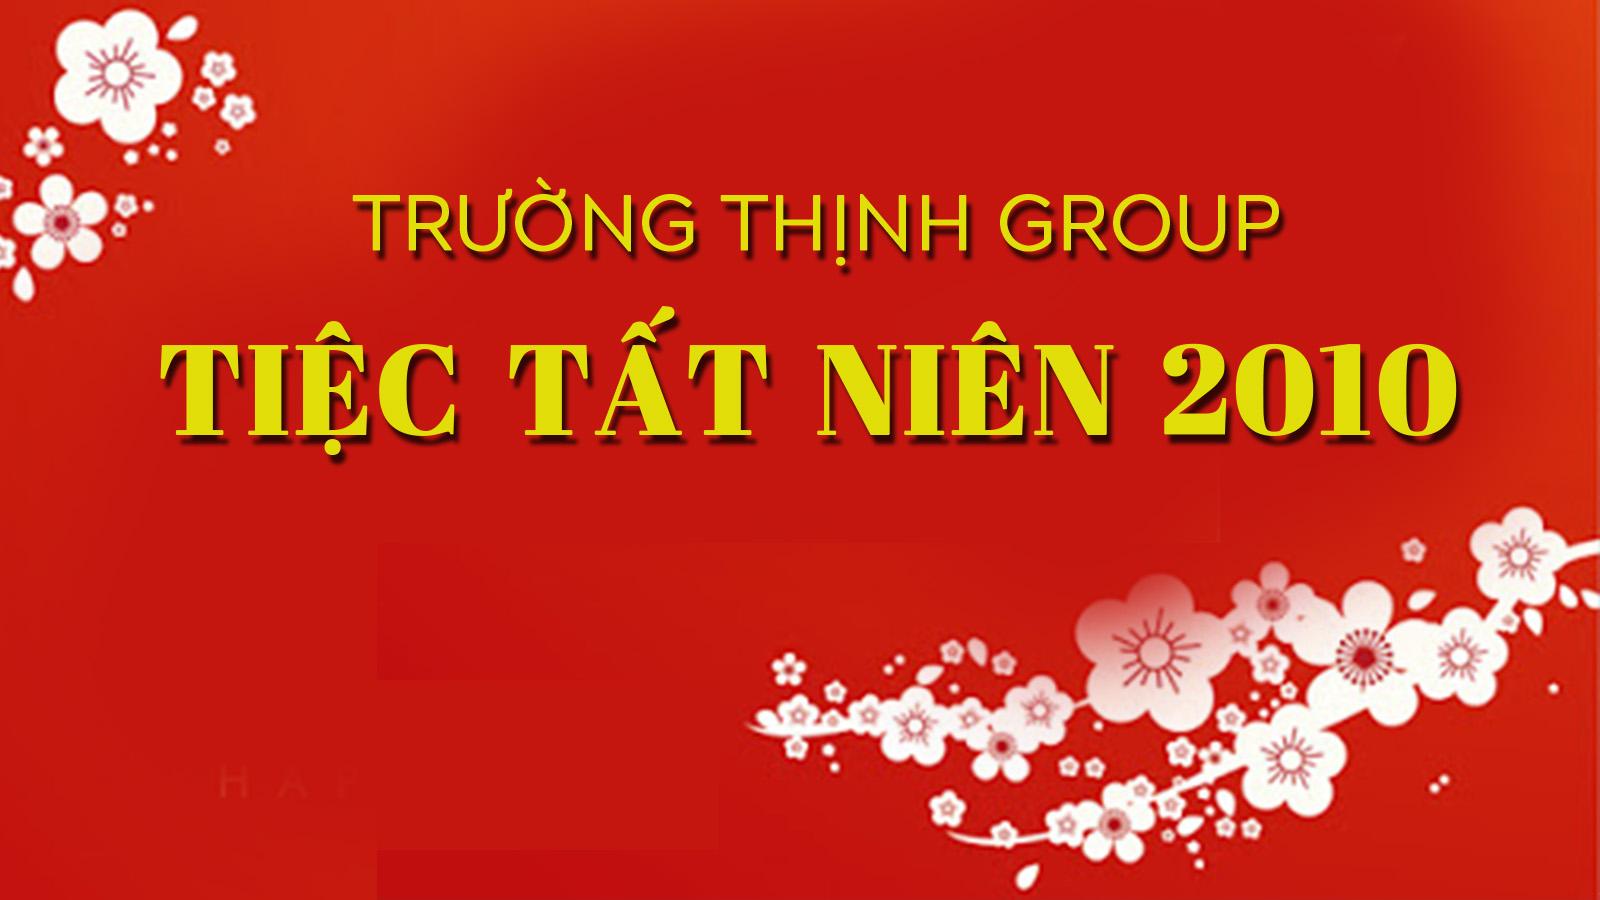 Tiệc Tất niên 2010: Trường Thịnh Group - Gắn kết tình thân